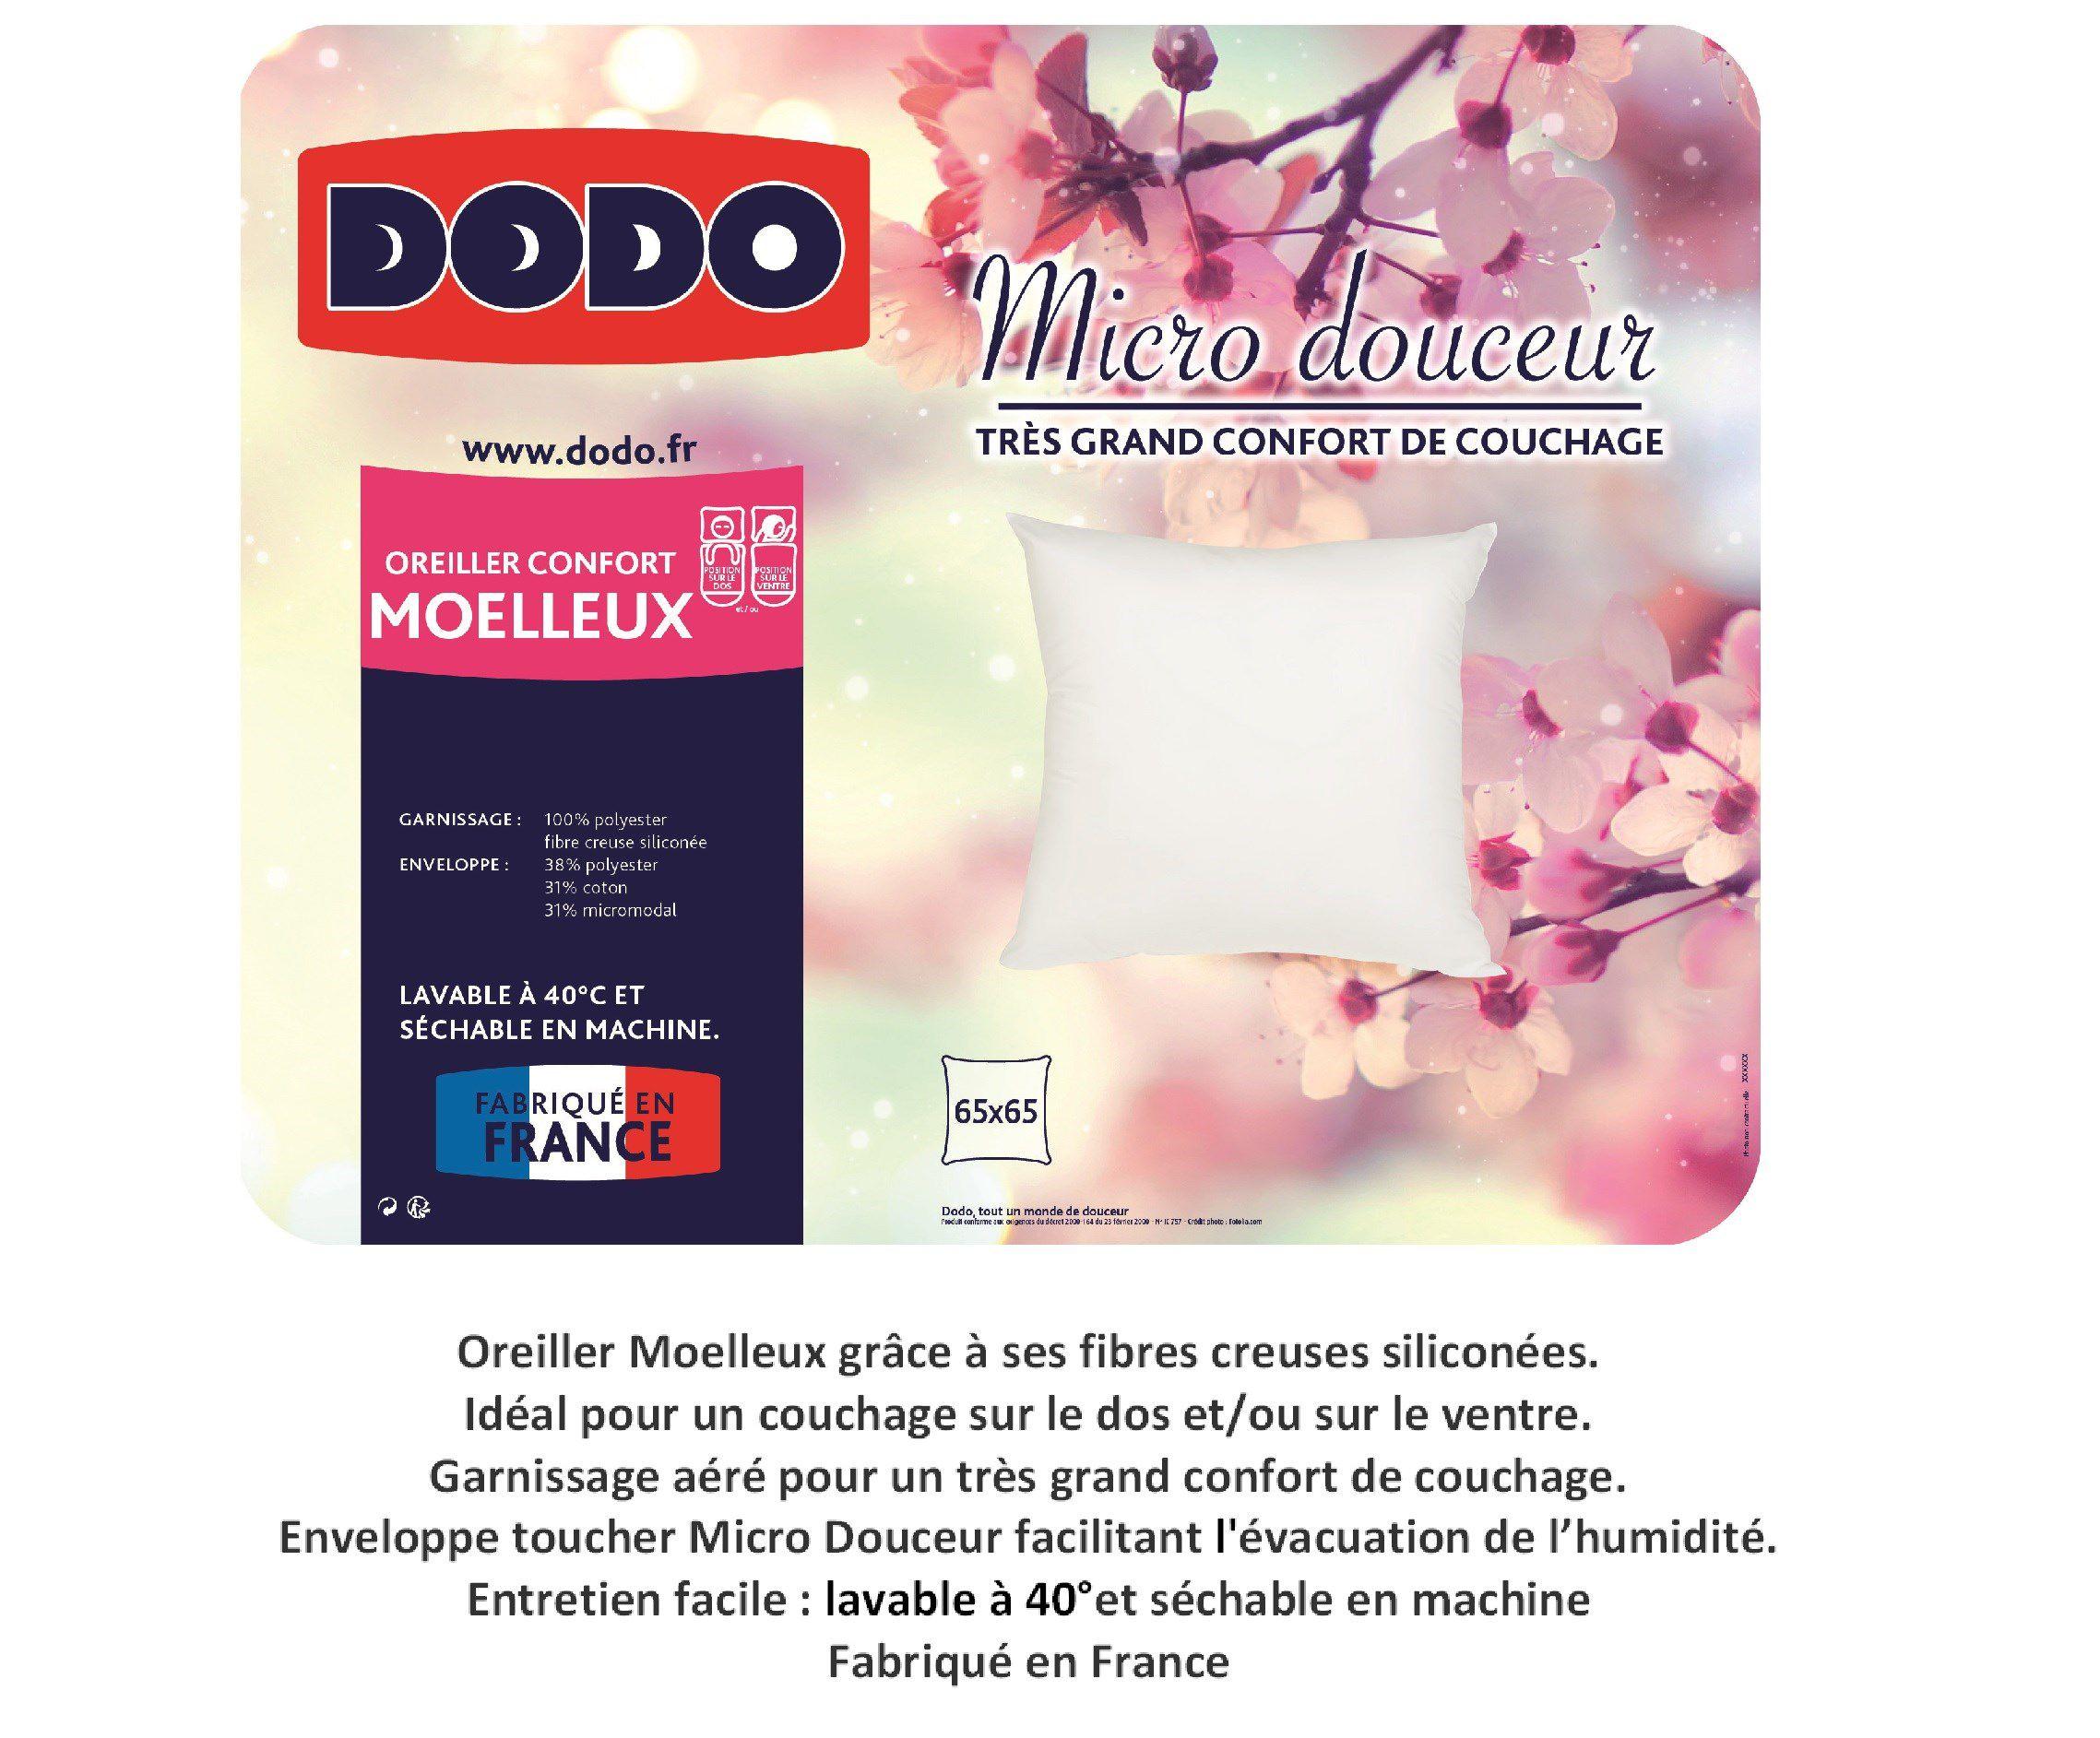 haut de page oreiller DODO Oreiller Micro Douceur   65x65 cm   Achat / Vente oreiller  haut de page oreiller